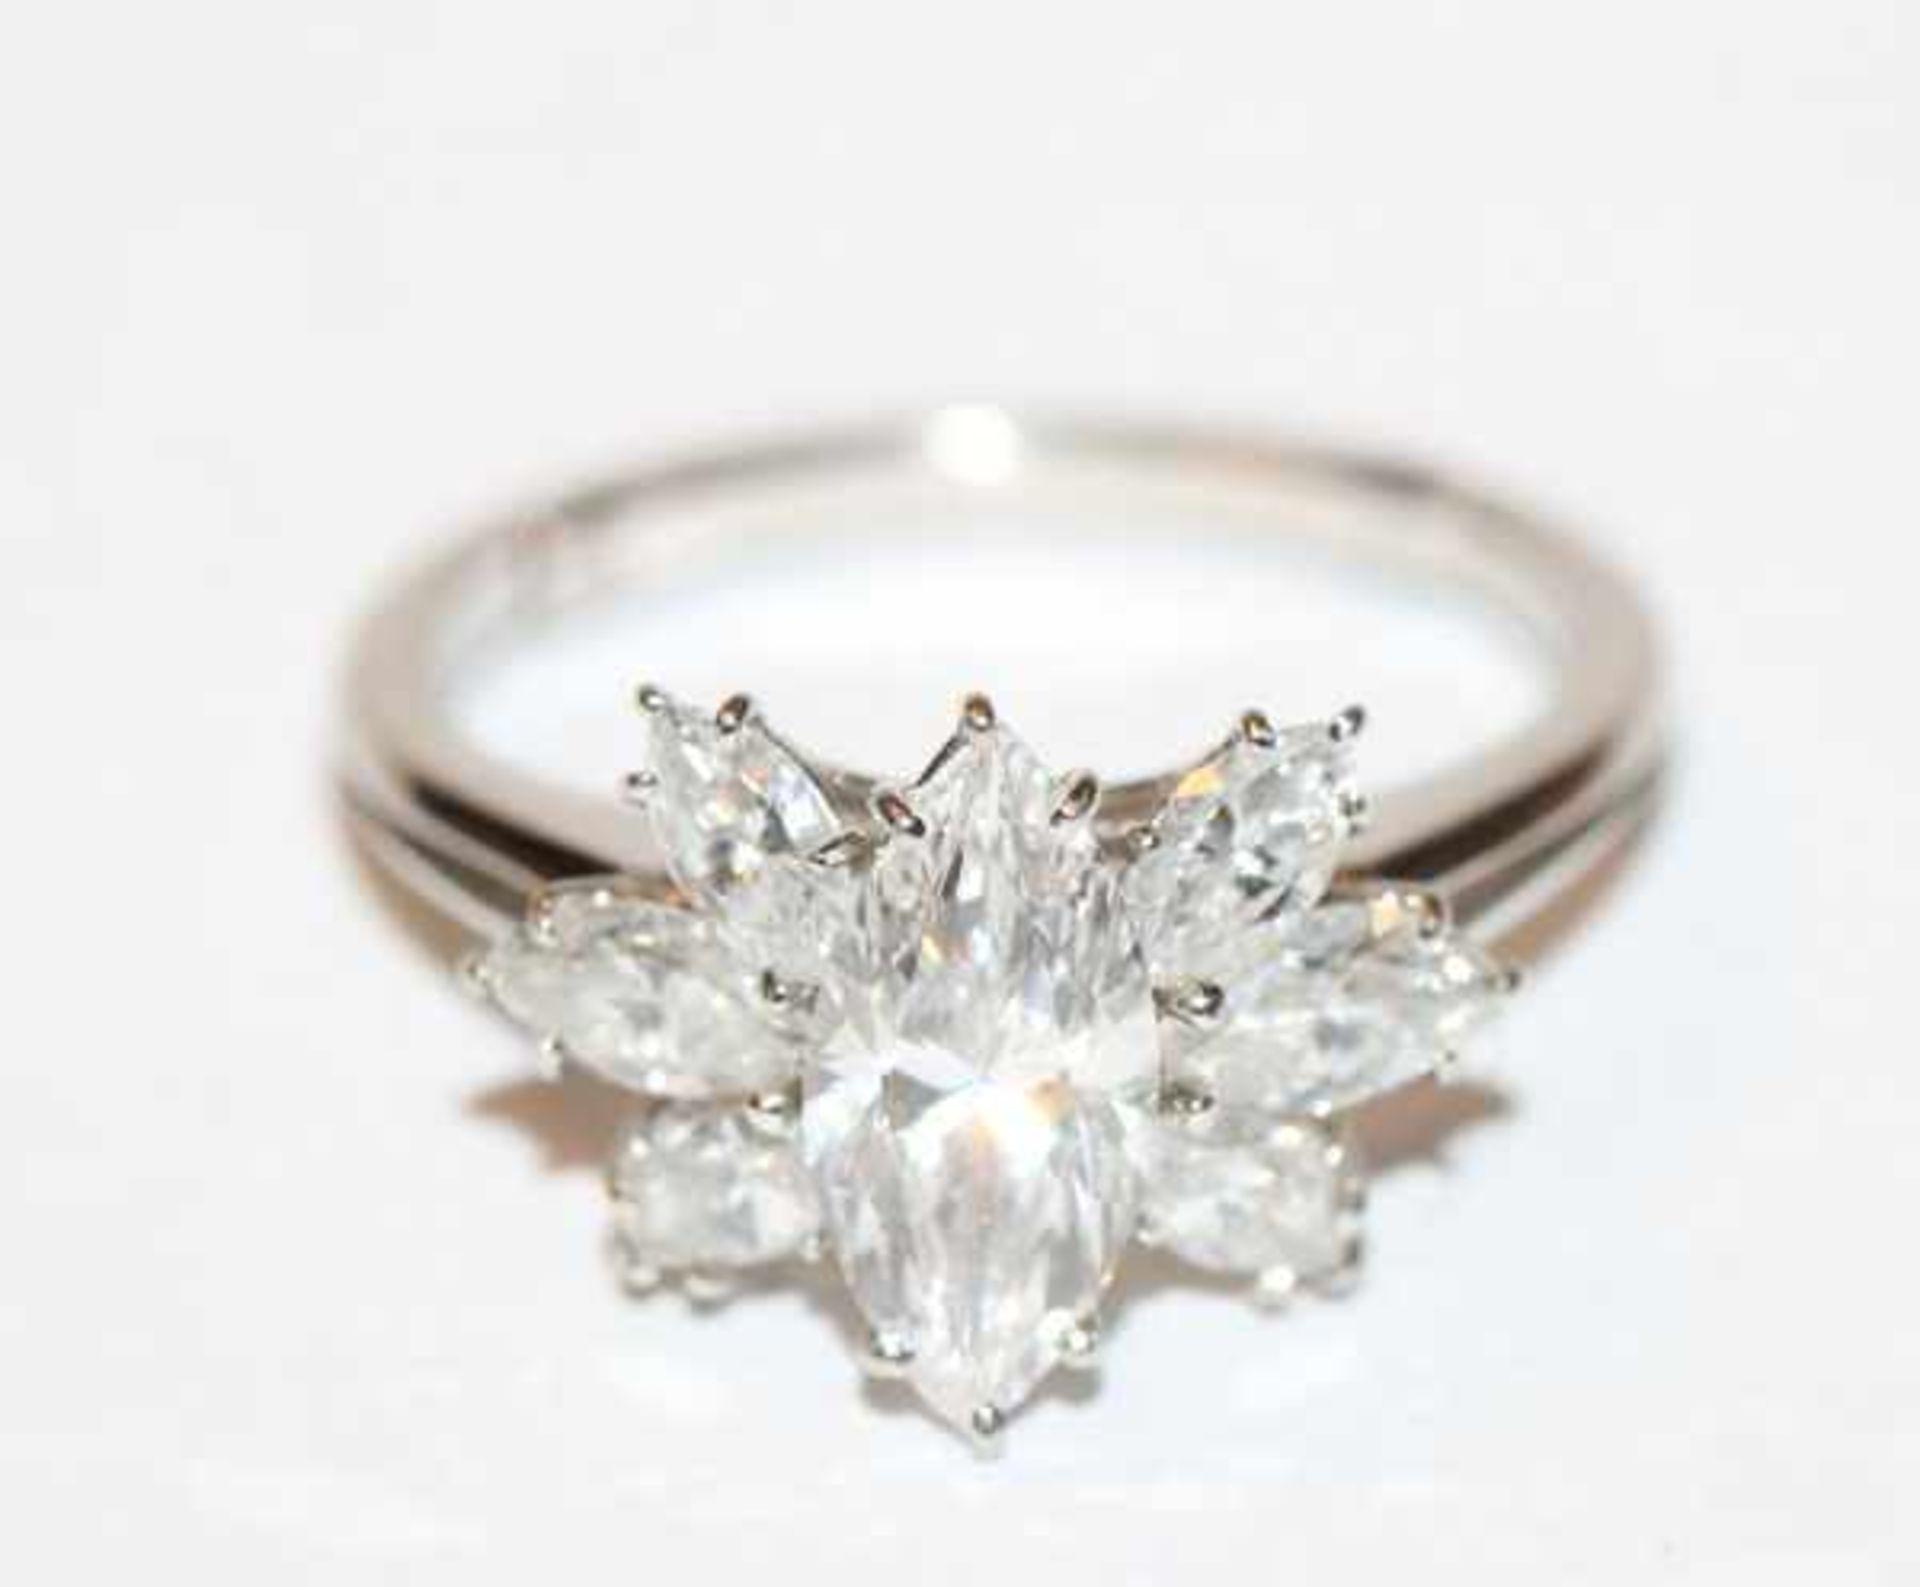 Platin Ring mit 7 Diamanten im Navetteschliff, zus. 2,4 ct., tw/vs, Gr. 53, klassische Handarbeit